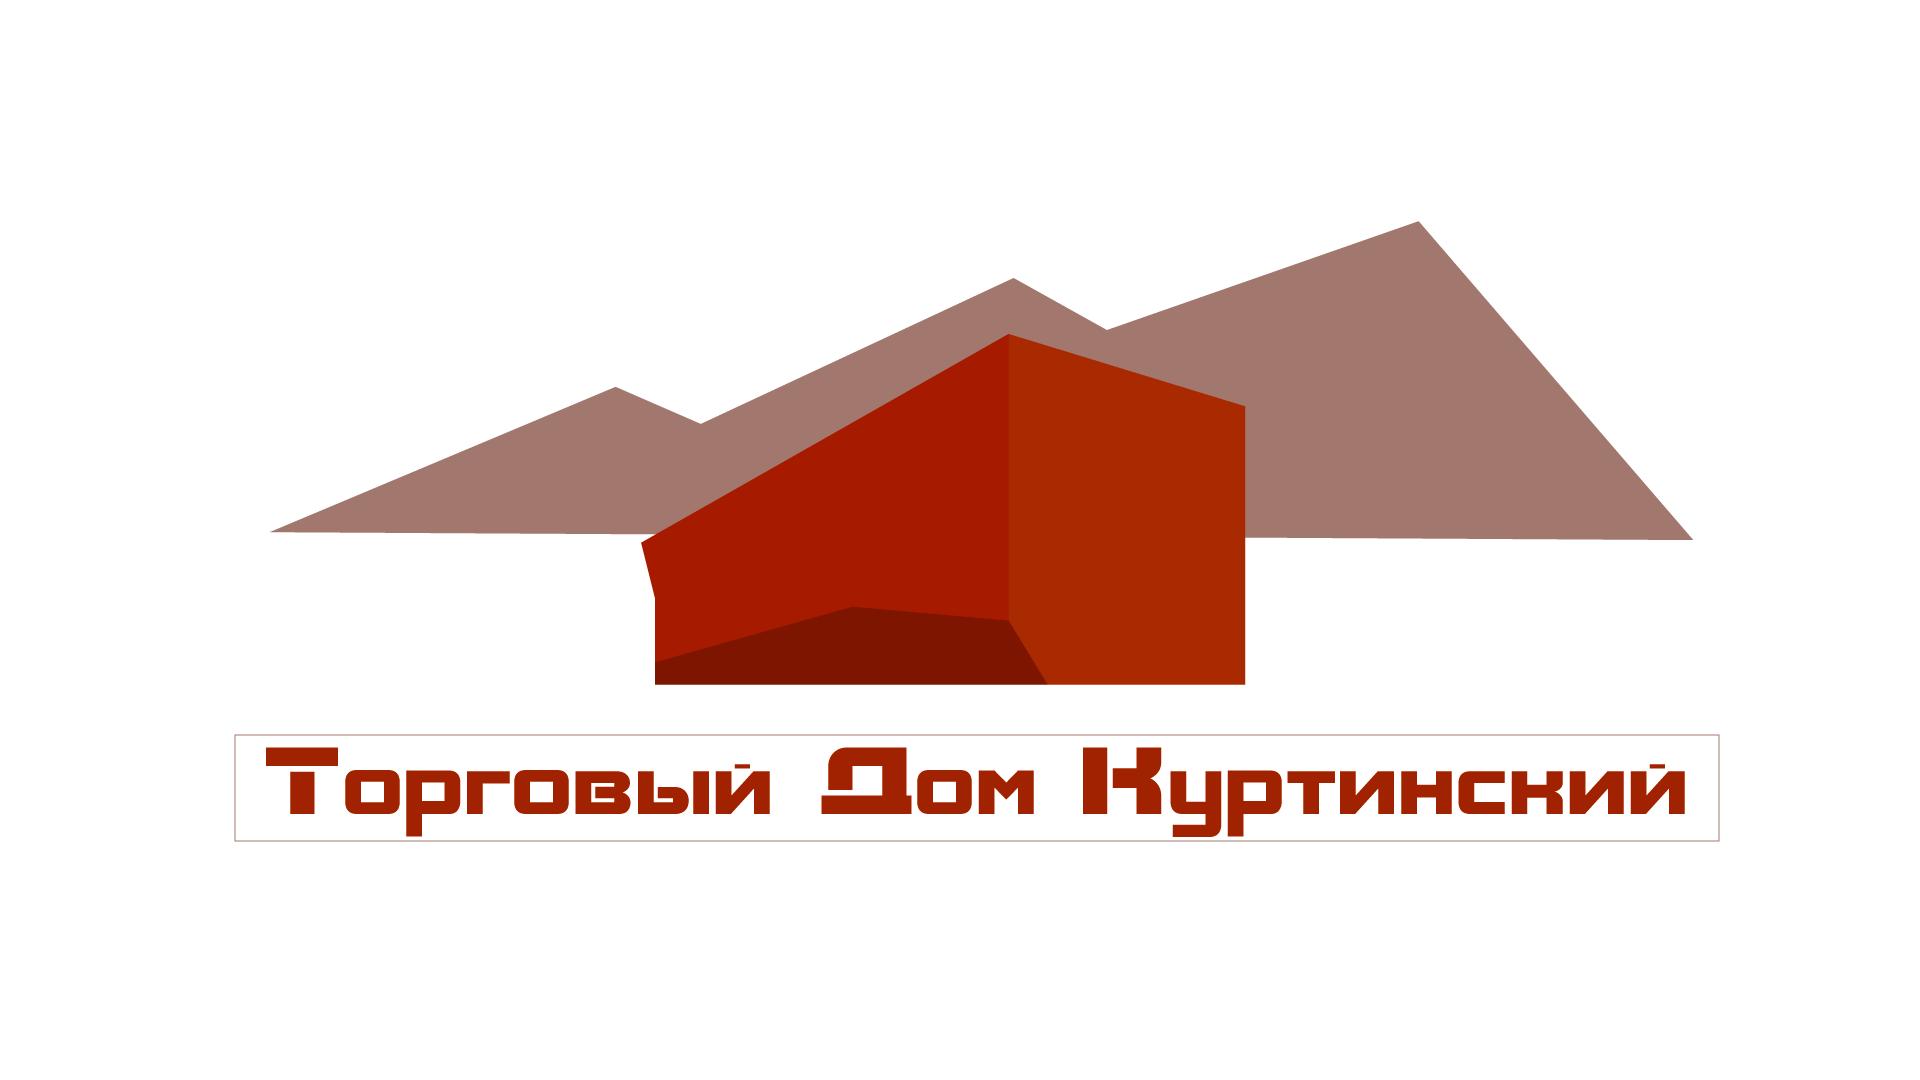 Логотип для камнедобывающей компании фото f_6215b9bd6503078a.png